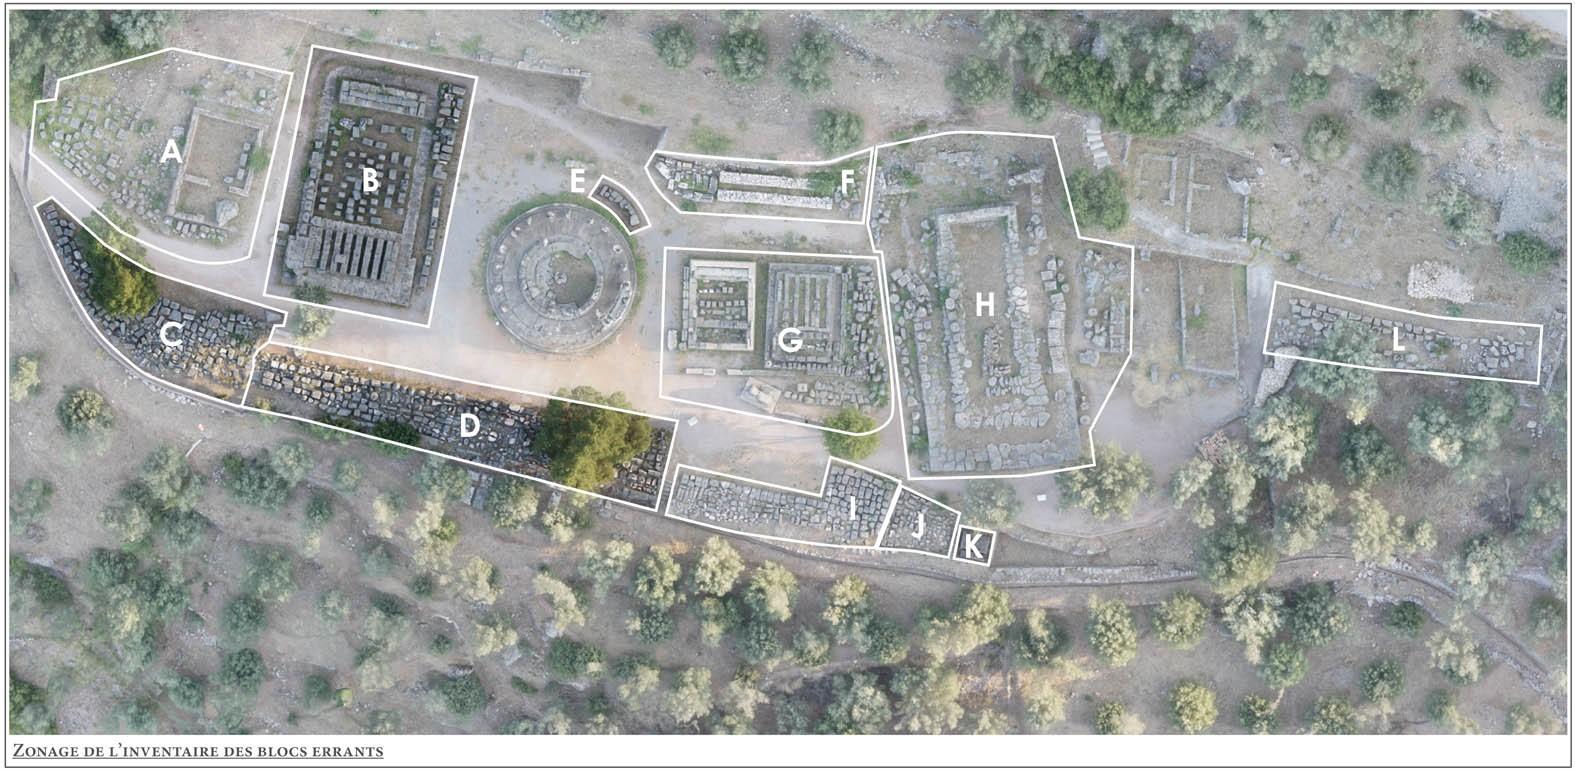 Localisation des secteurs de l'inventaire des blocs © EFA, Mission Delphes-Marmaria